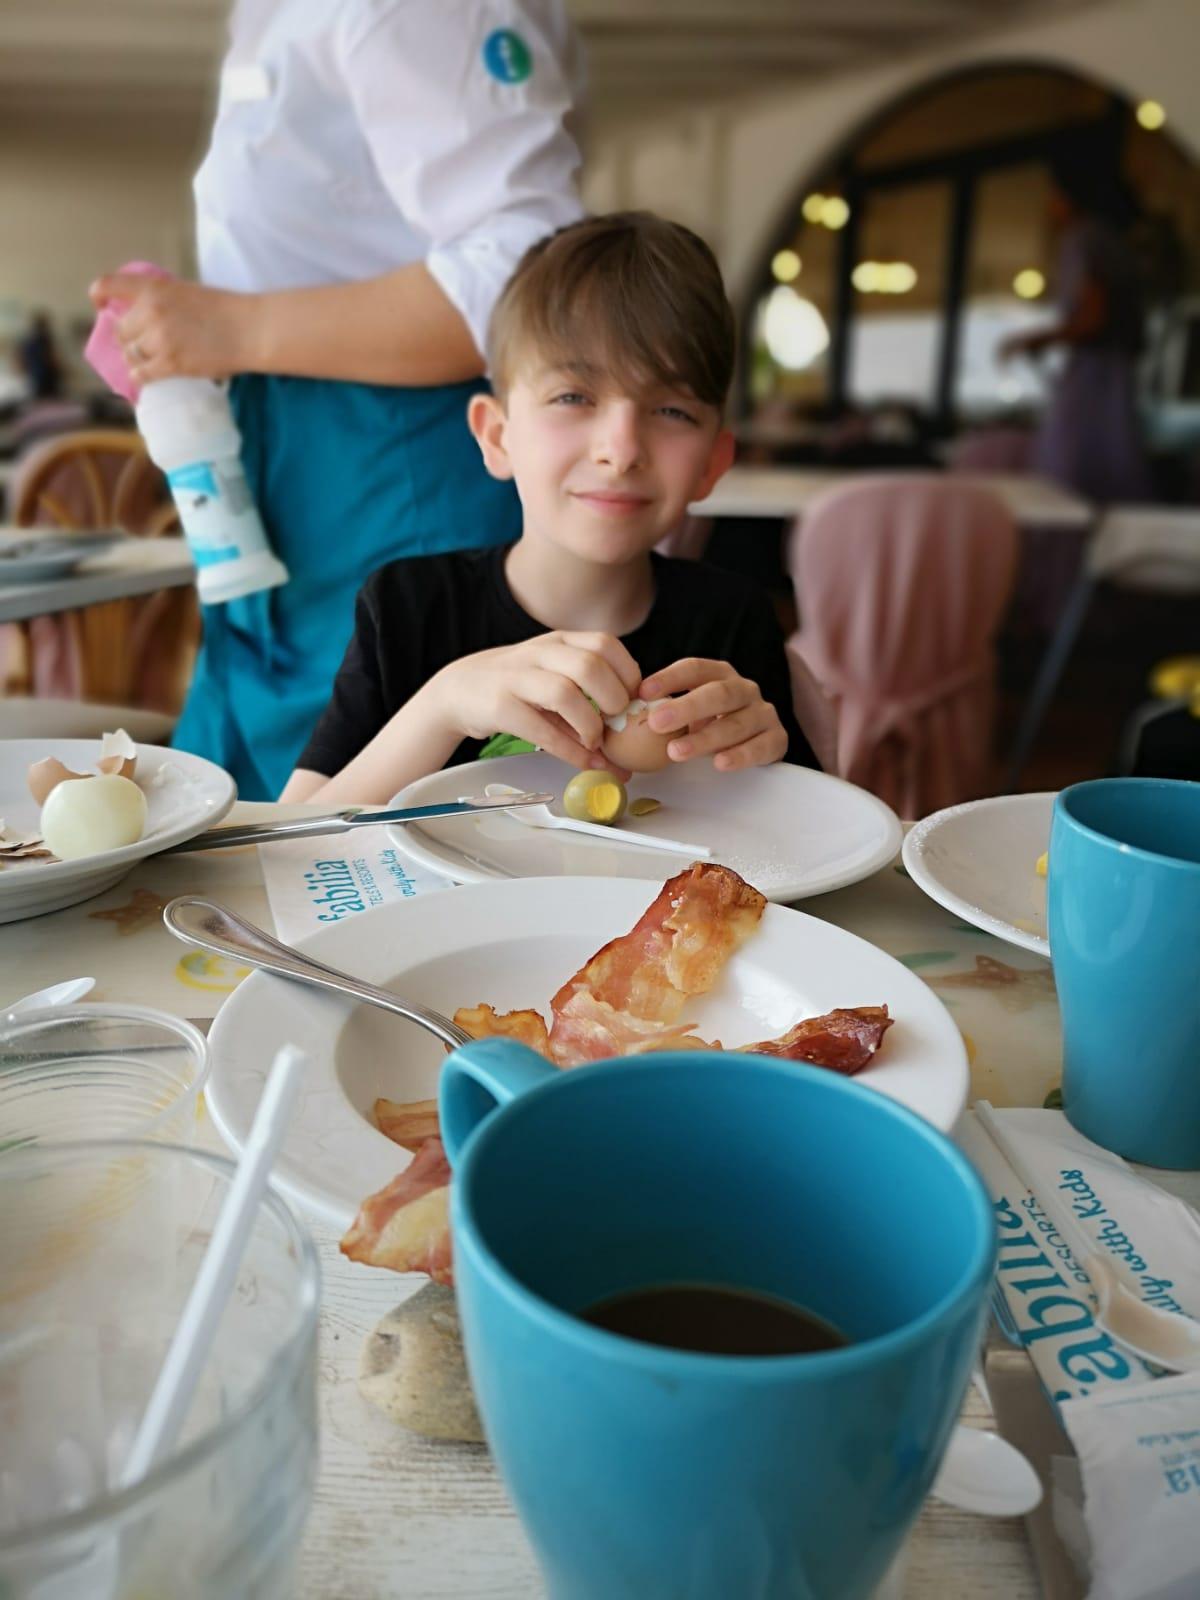 Cosa far mangiare ai bambini in vacanza